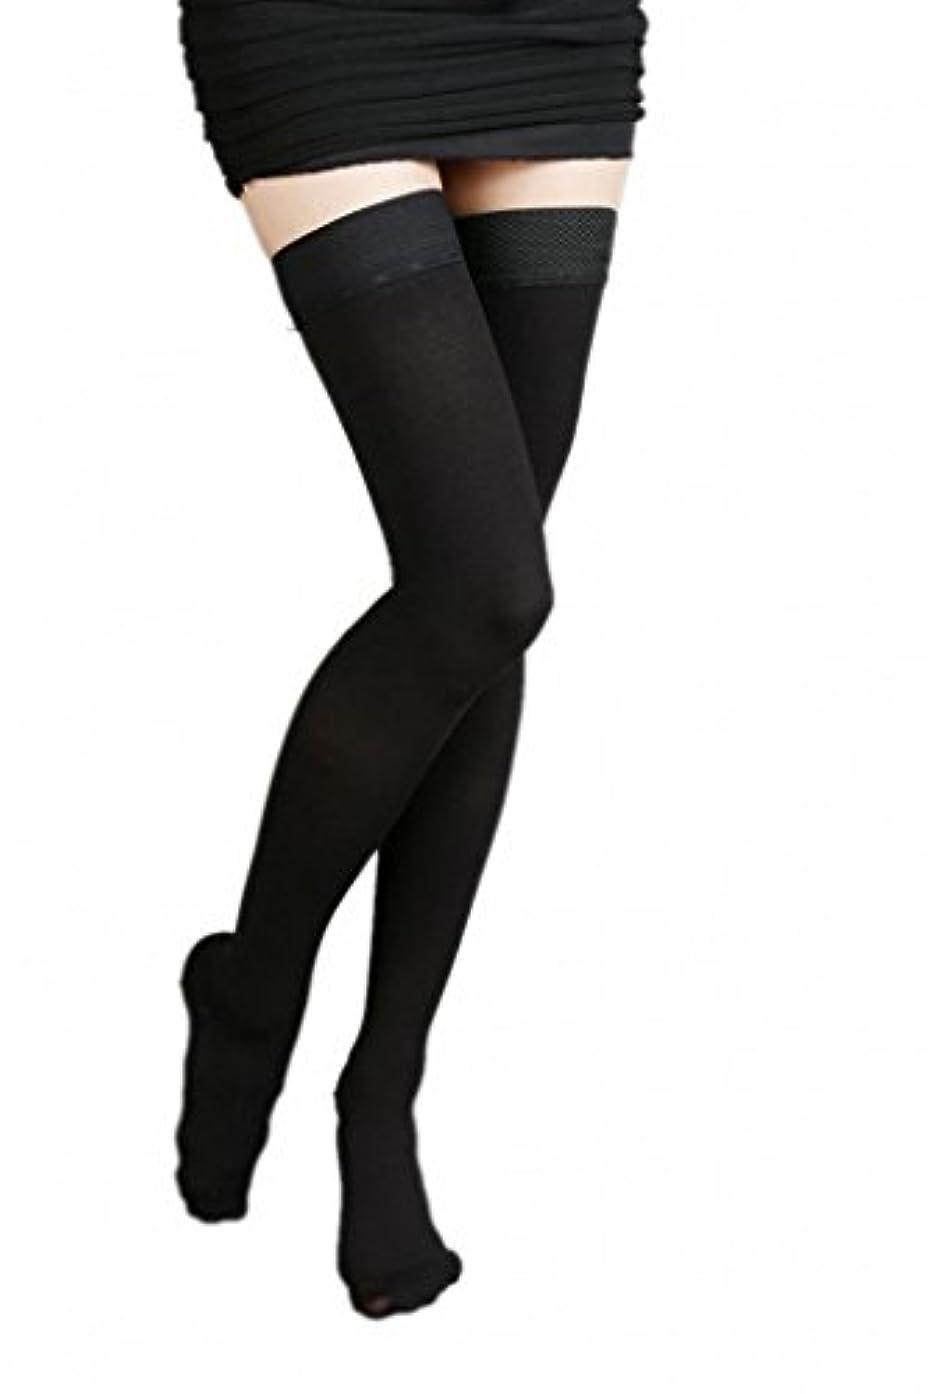 仮定豪華なしないでください(ラボーグ)La Vogue 美脚 着圧オーバーニーソックス ハイソックス 靴下 弾性ストッキング つま先あり着圧ソックス XL 3級強圧 黒色